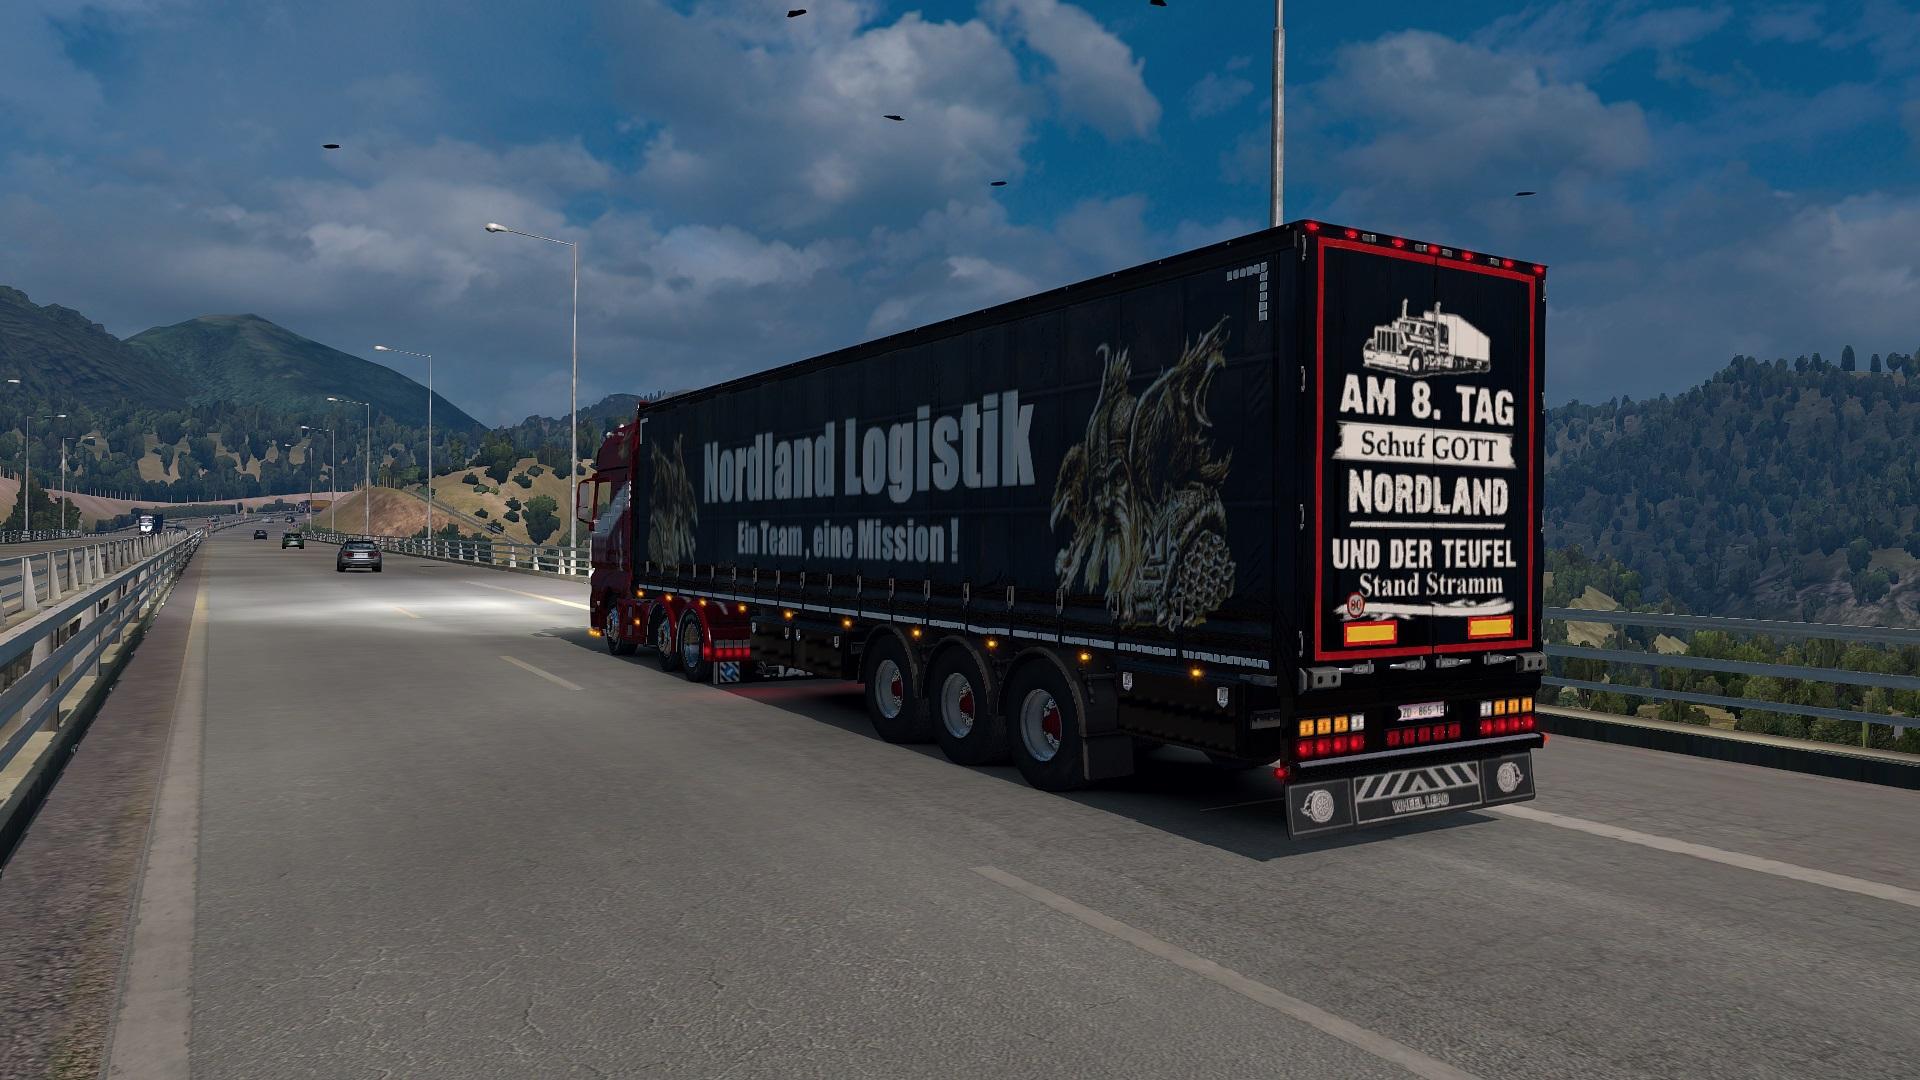 eurotrucks22019-01-04cncdk.jpg